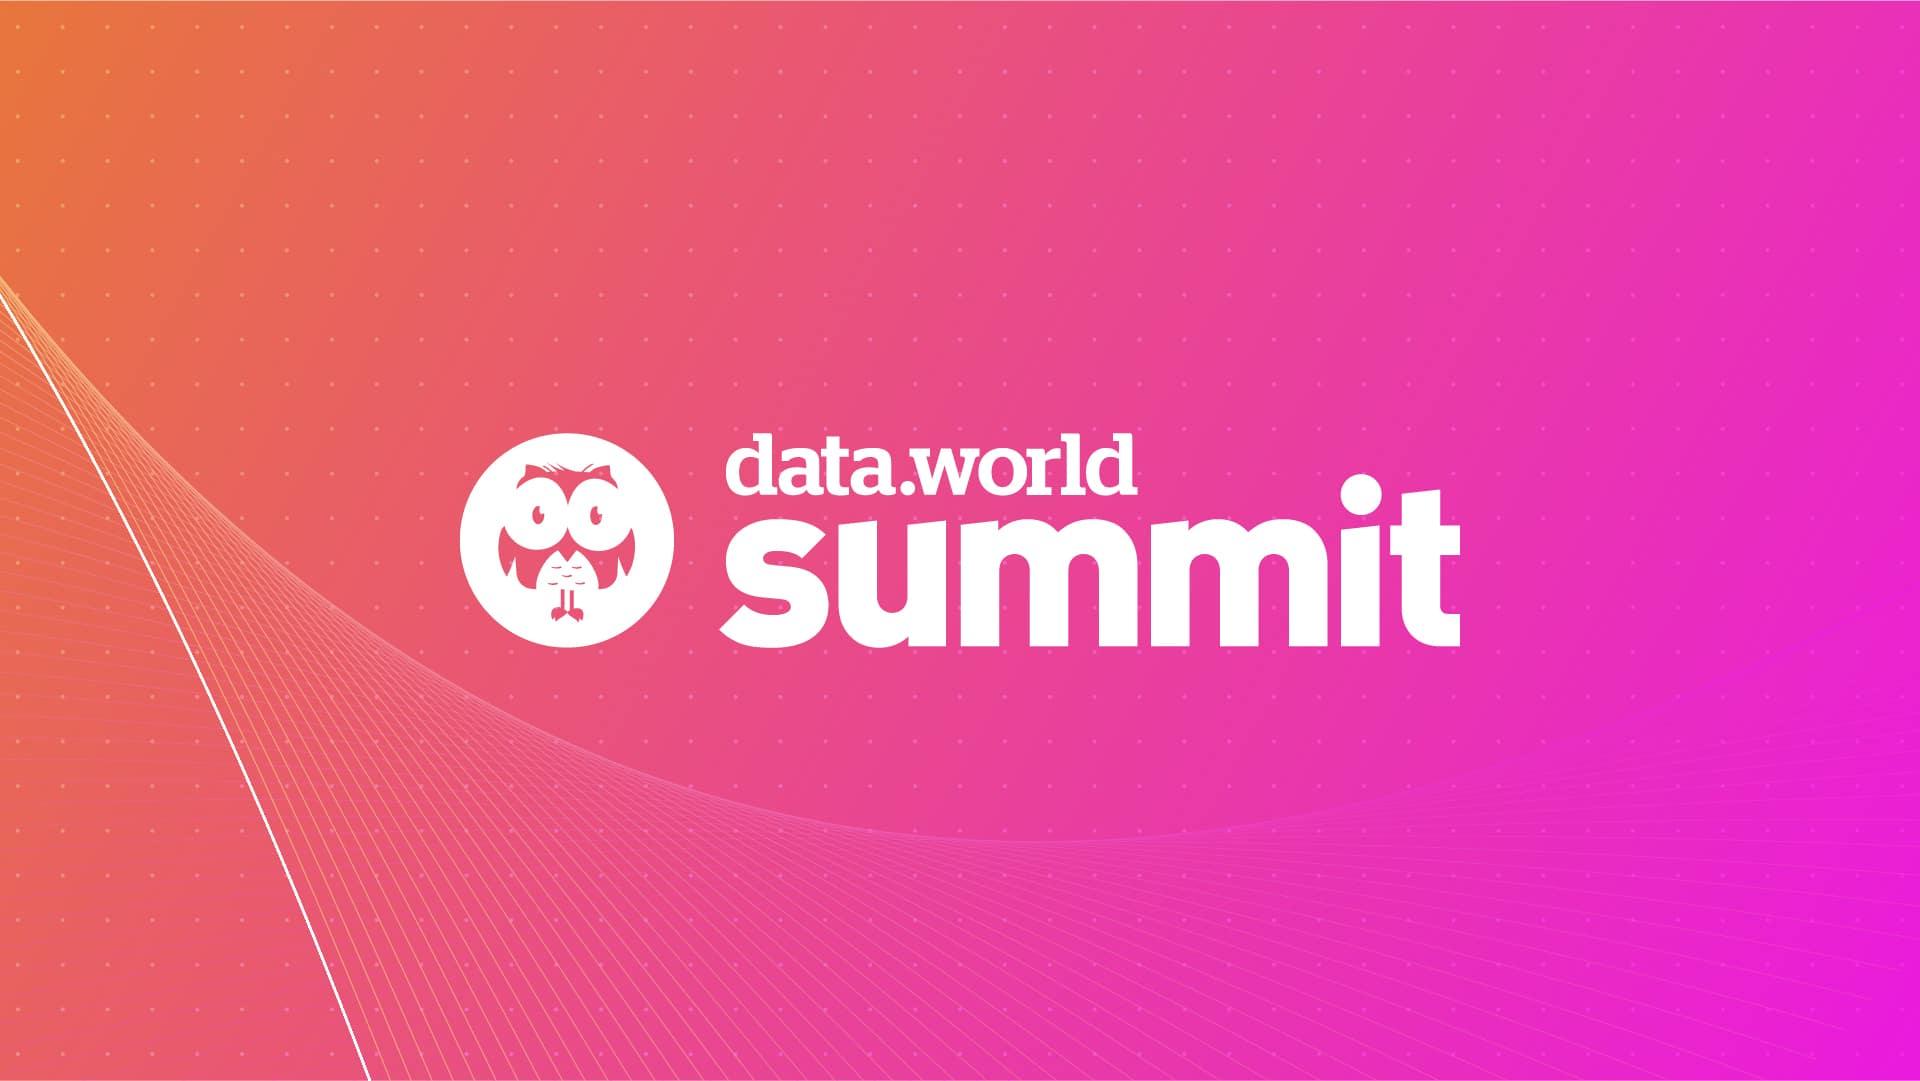 fitosophy-dataworld-summit-background4